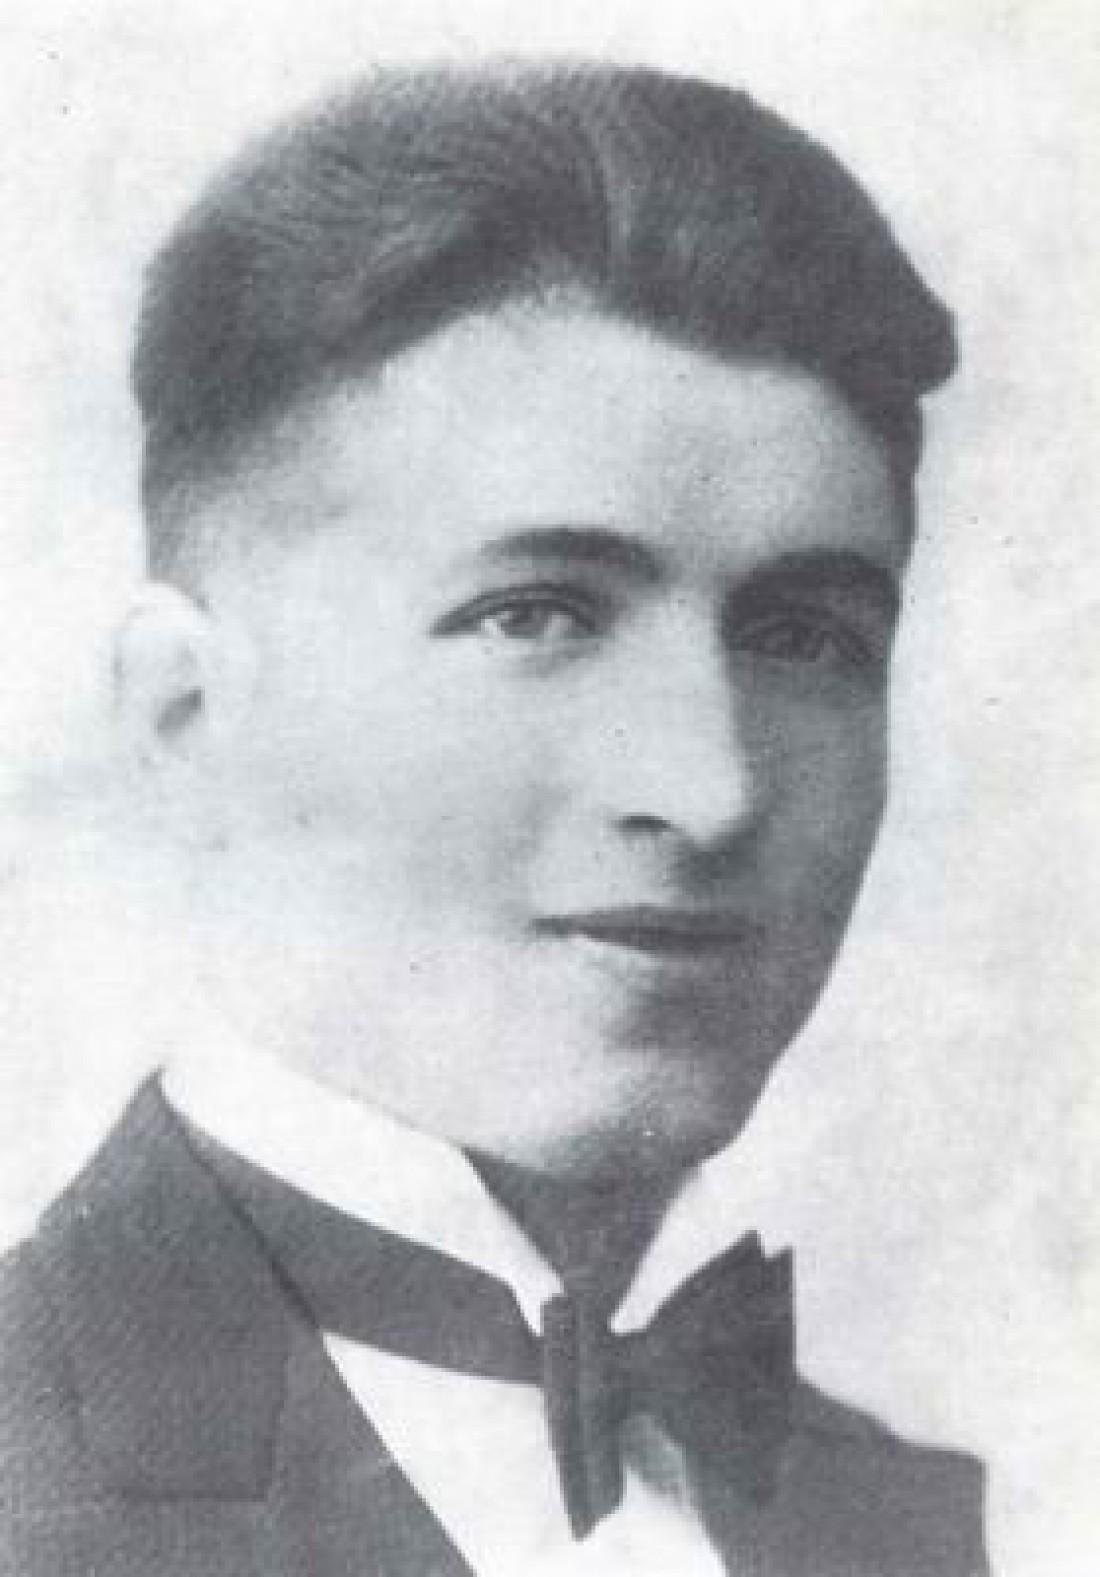 Ян Оплетал (Jan Opletal)